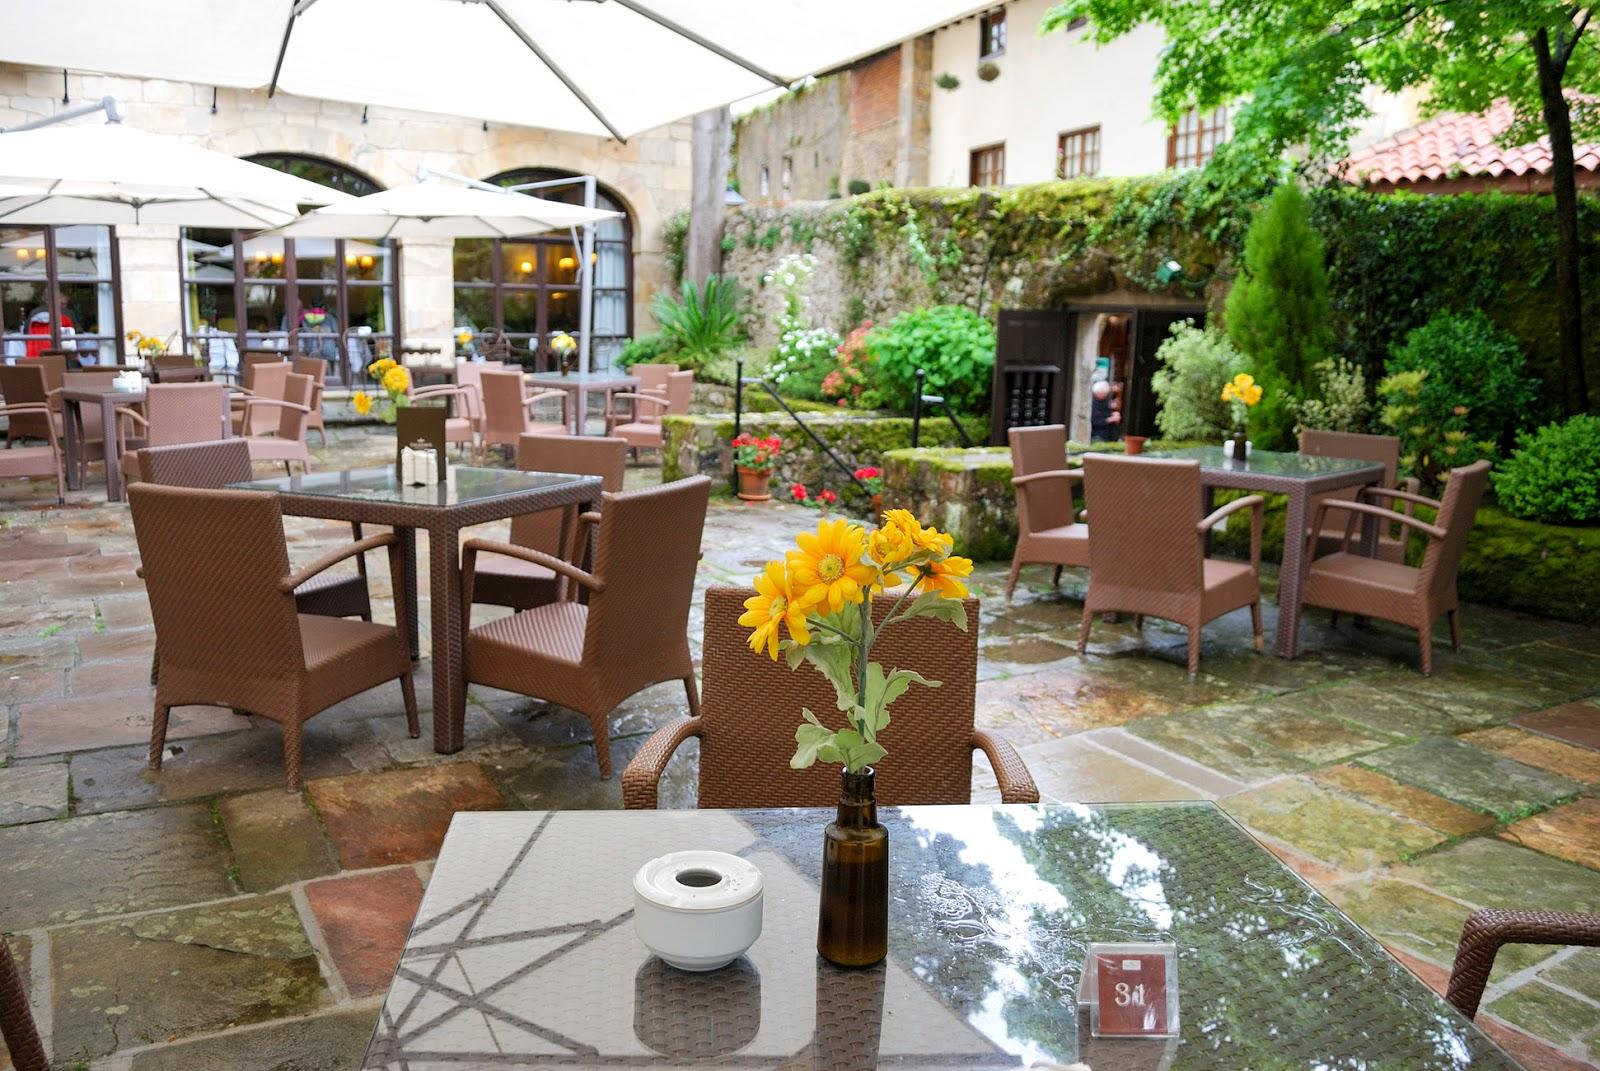 parador hotel gil blas restaurante santillana del mar cantabria spain pueblos bonitos españa